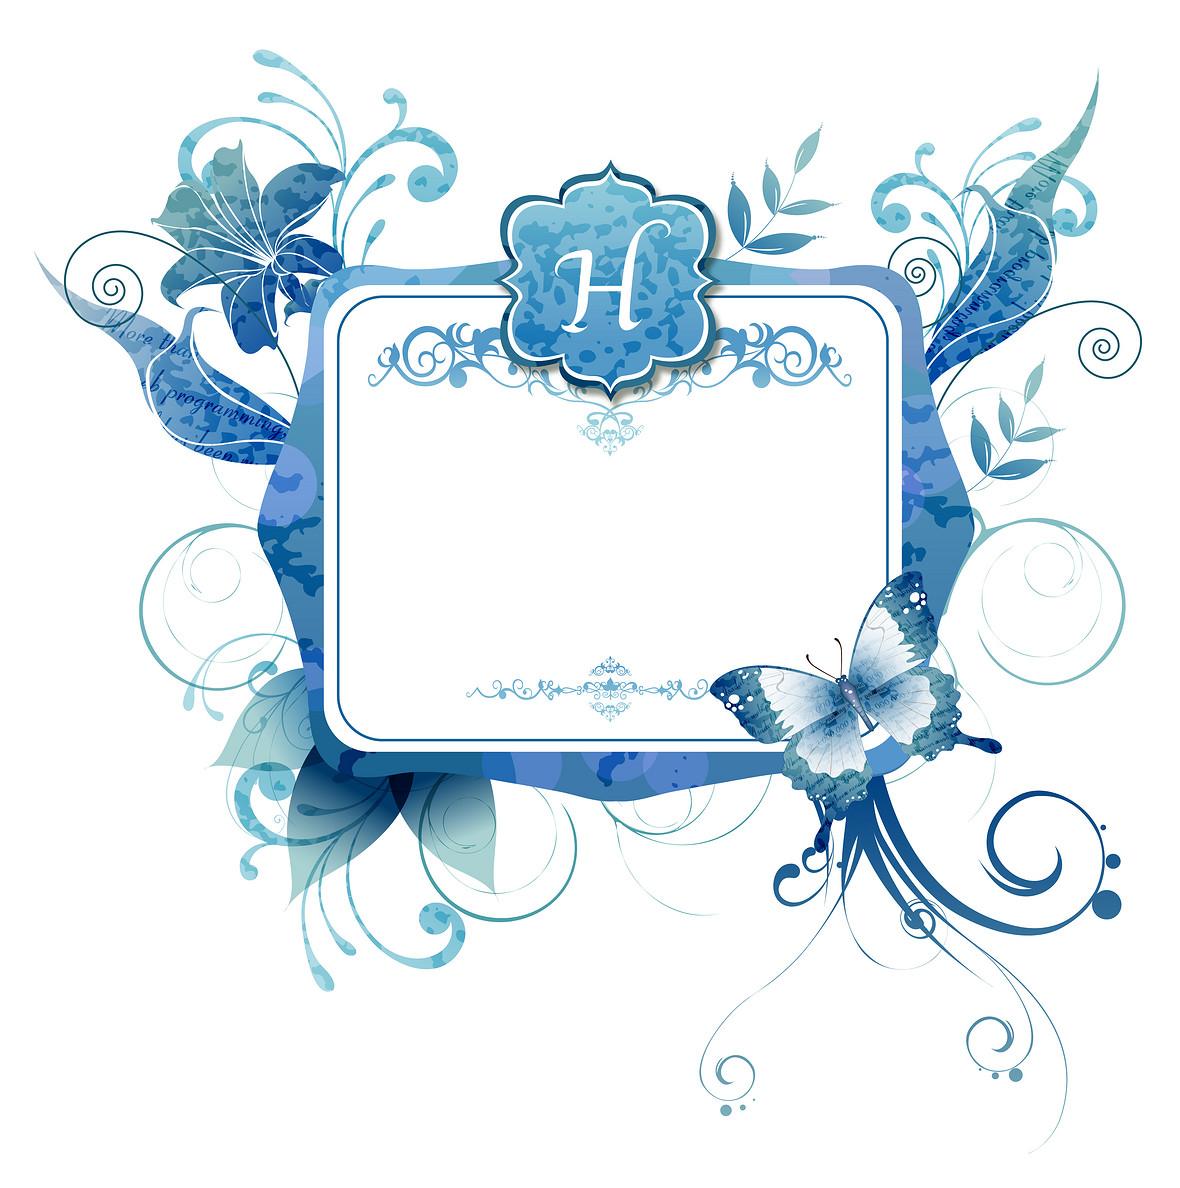 手绘白色卡片蓝色花纹边框背景素材